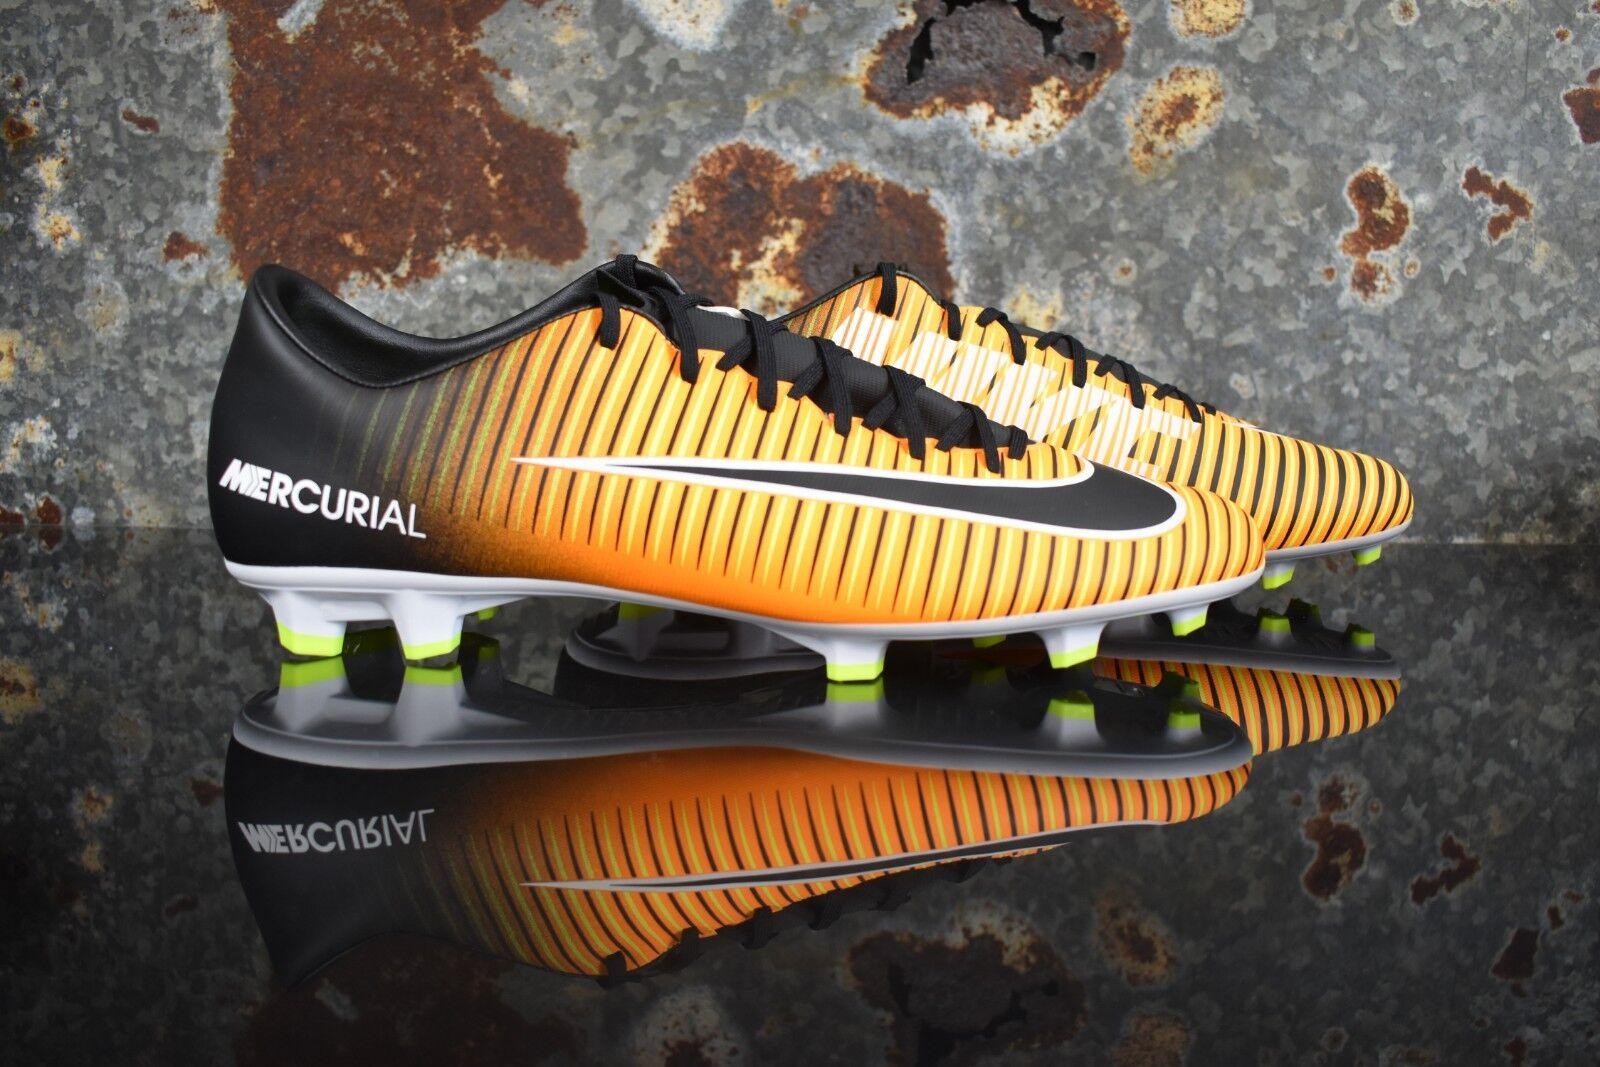 les nouvelles nike versatile orange fg foot victoire vi fg orange 831964-801 au laser taille 13 e5a713